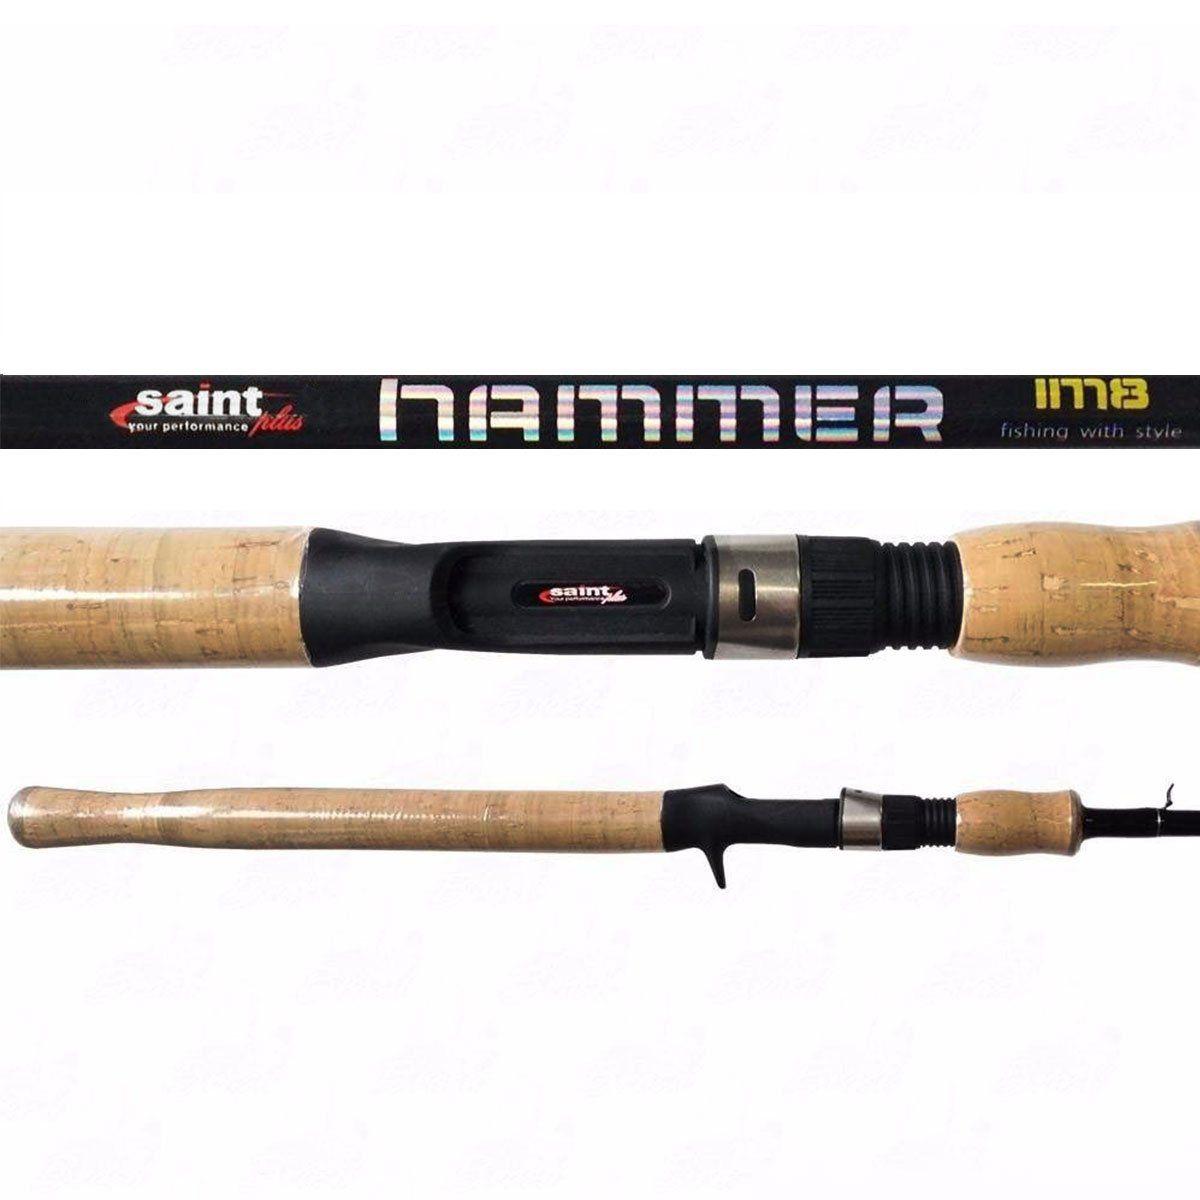 Vara Saint Plus Hammer IM8 p/ Carretilha 7-17LBS 561BC